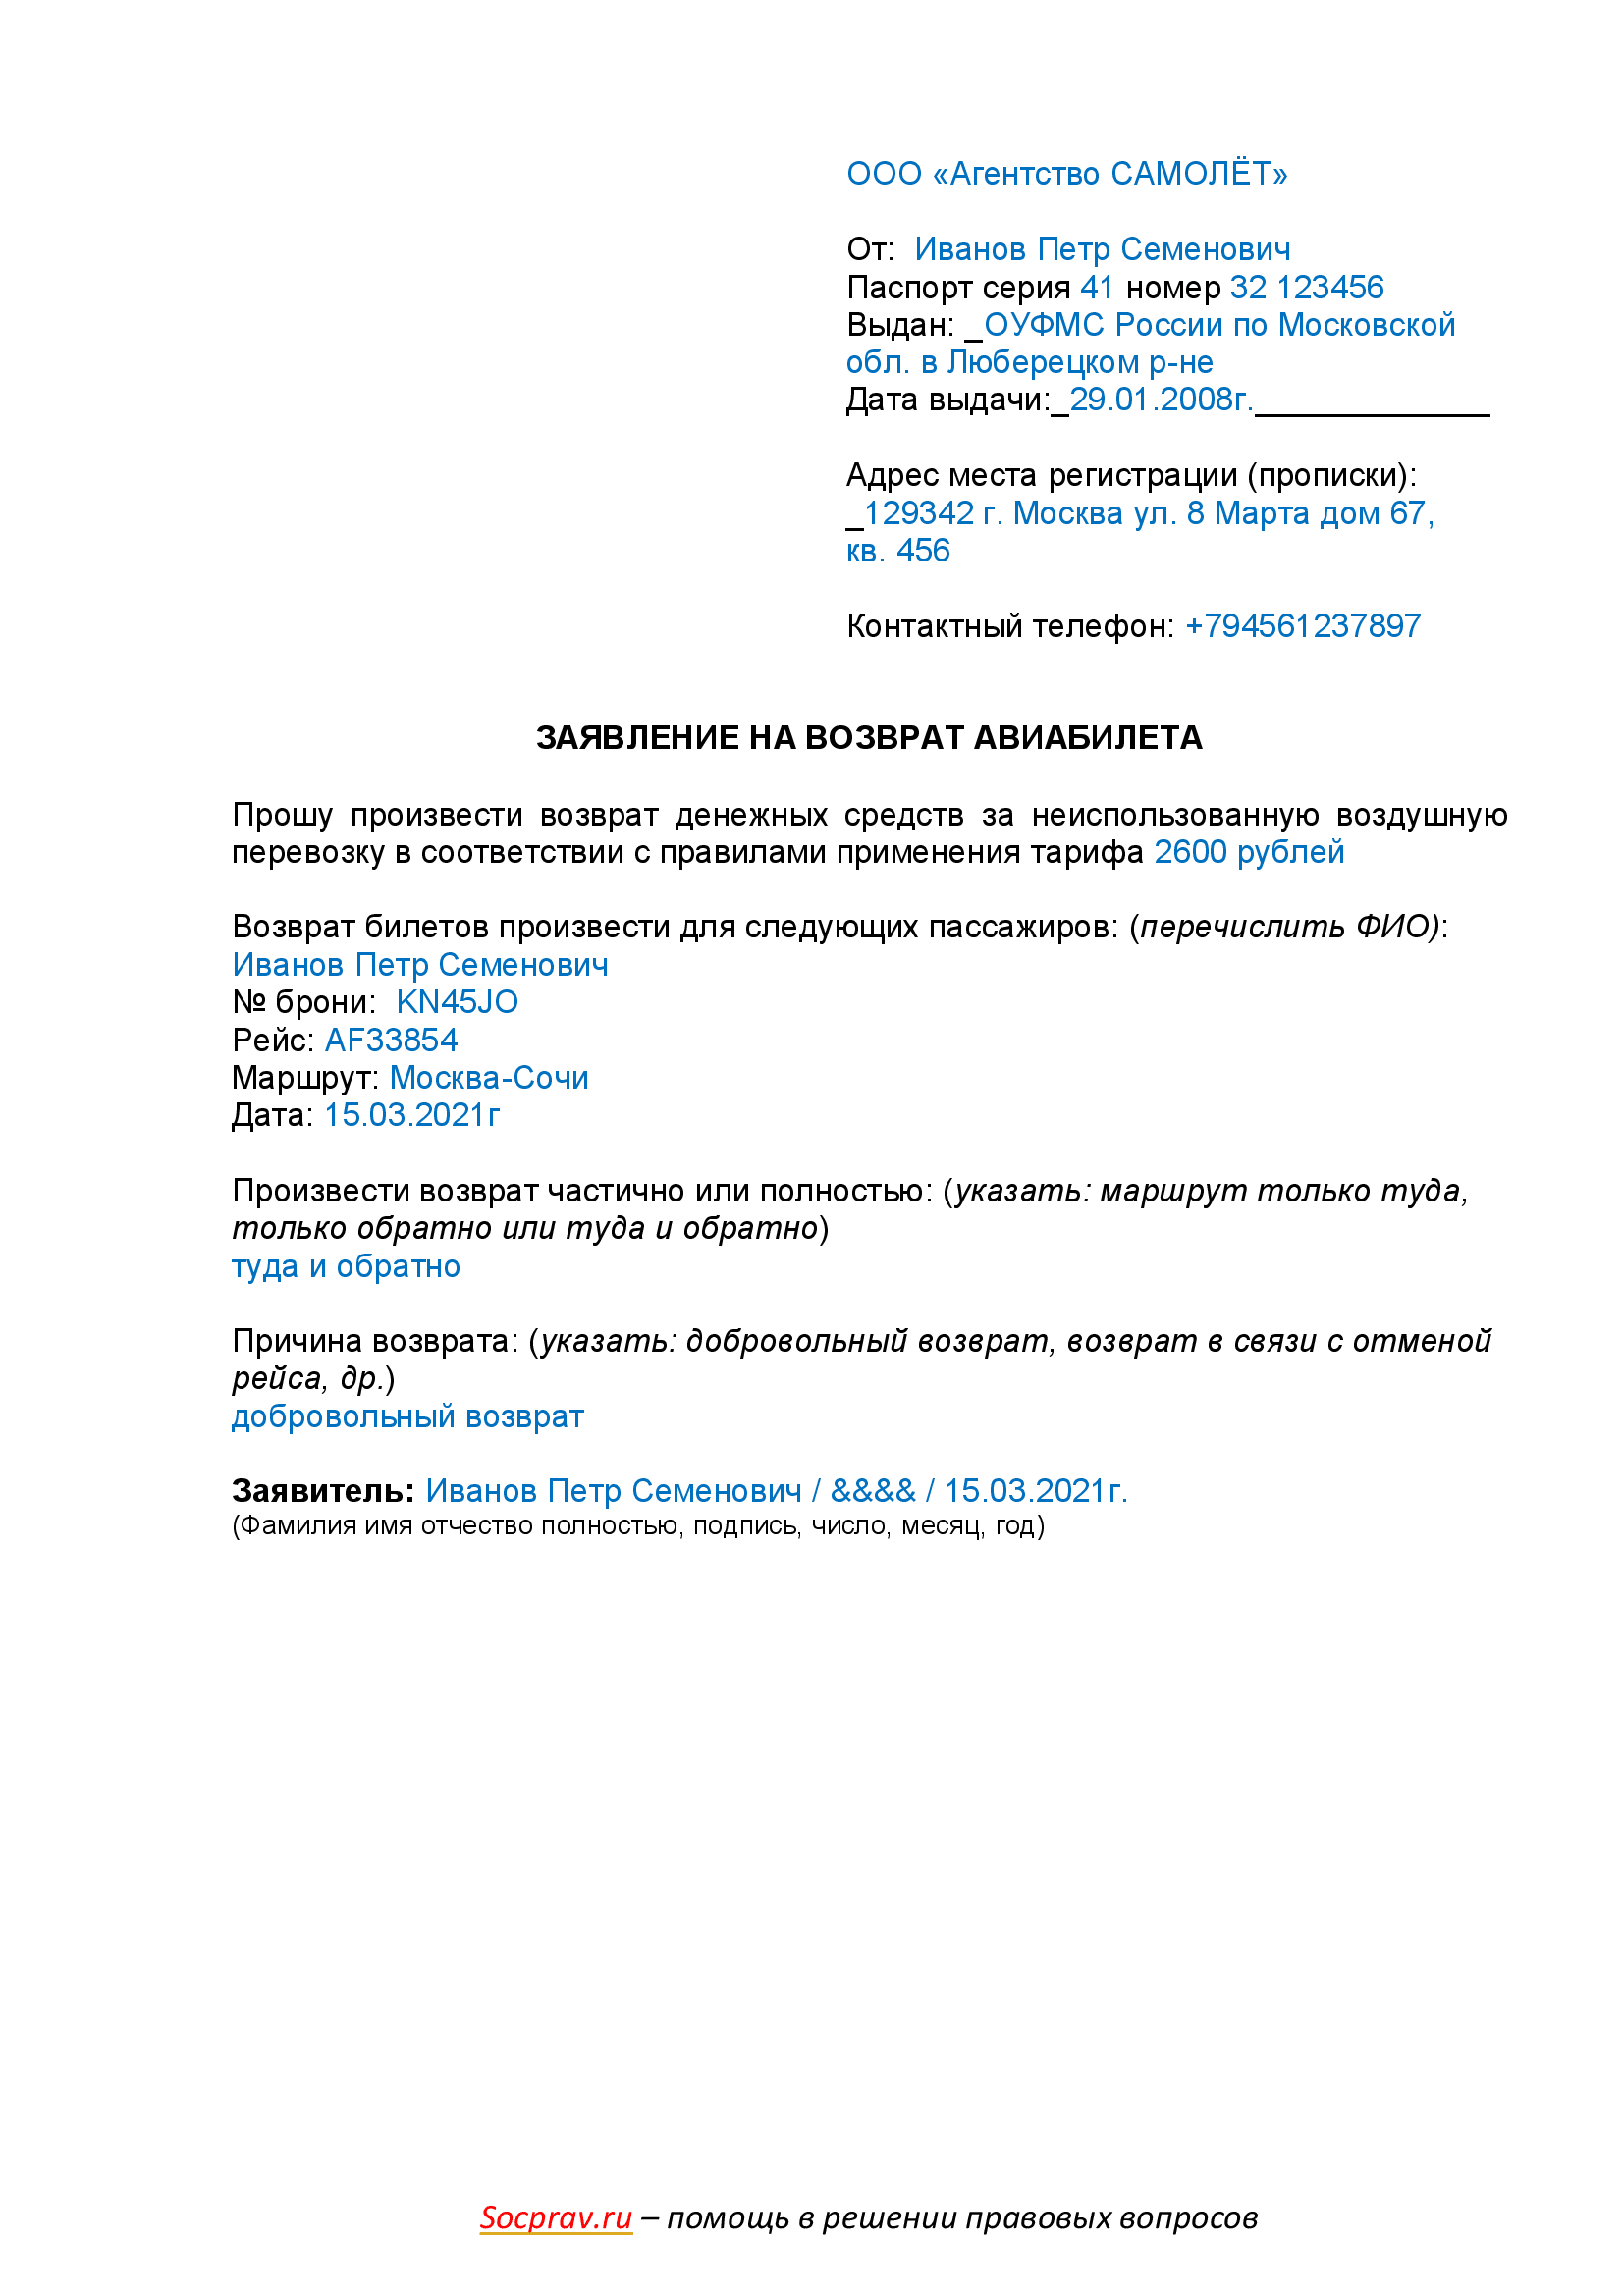 Заявление на возврат авиабилета